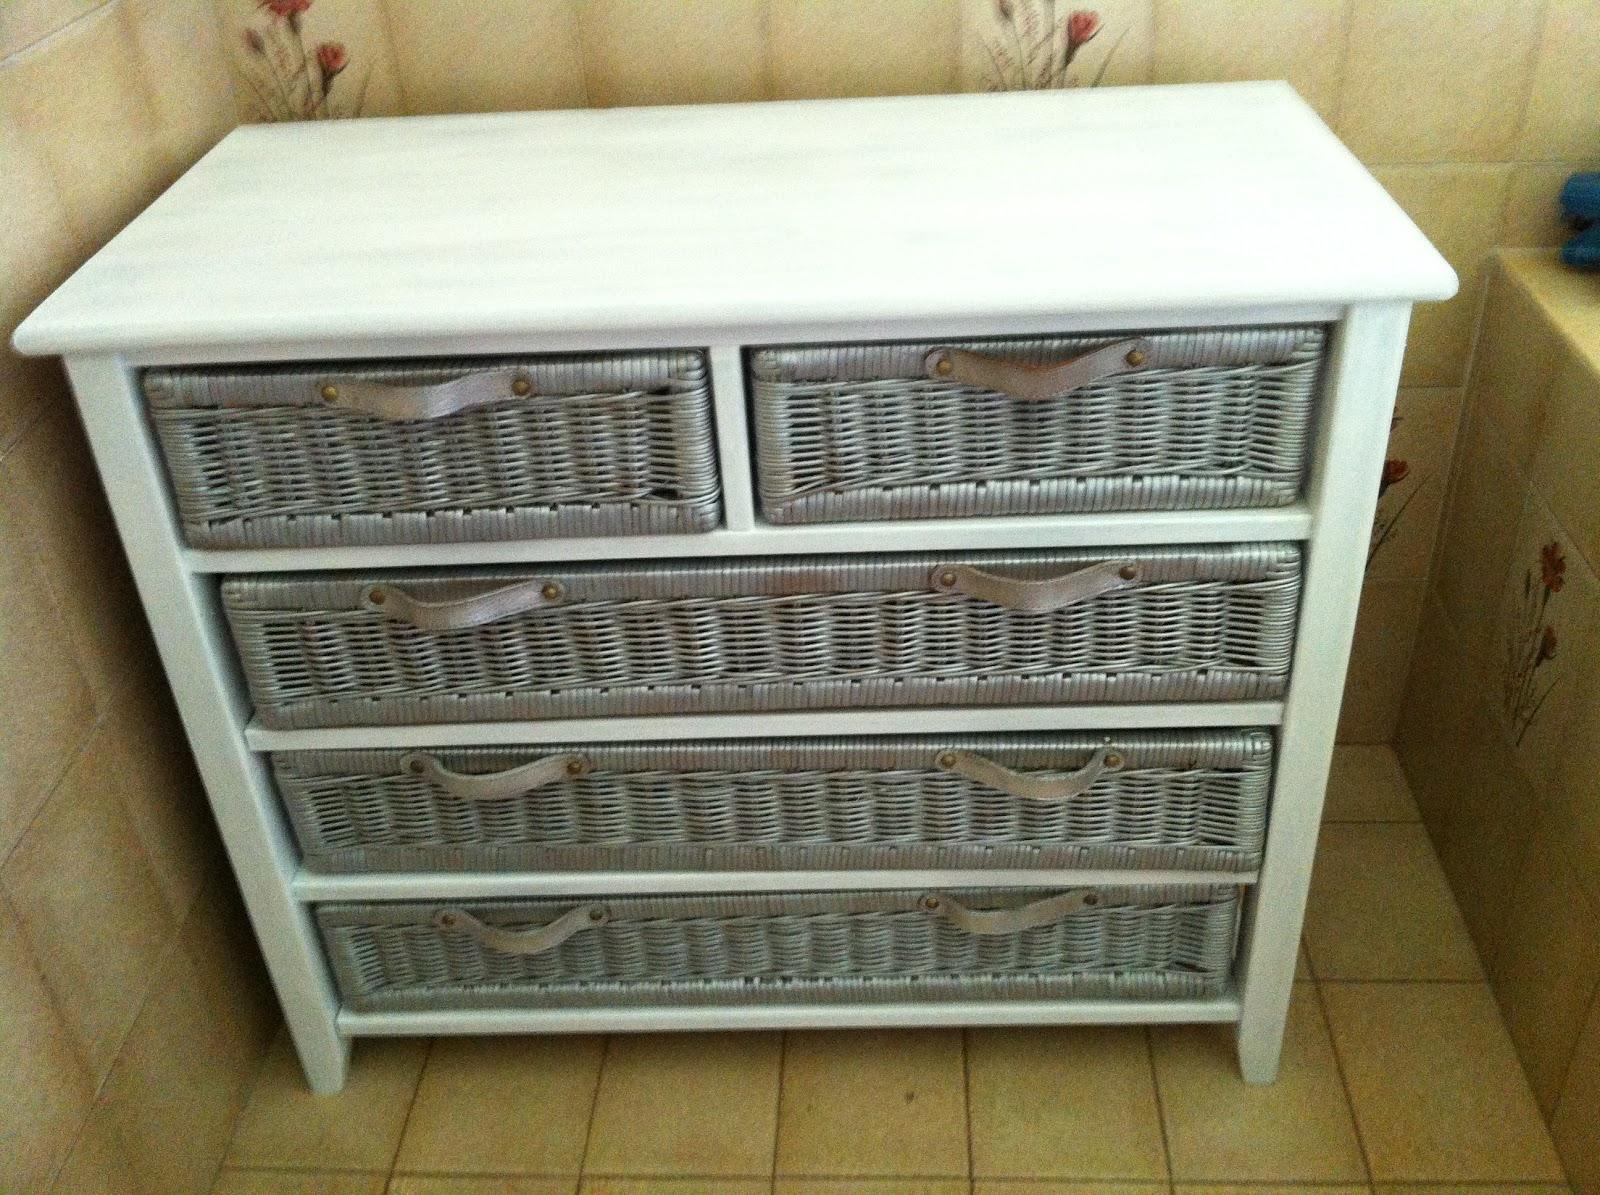 Relook meuble dax et ses environs meubles relookes vendus - Vendre ses meubles cash ...